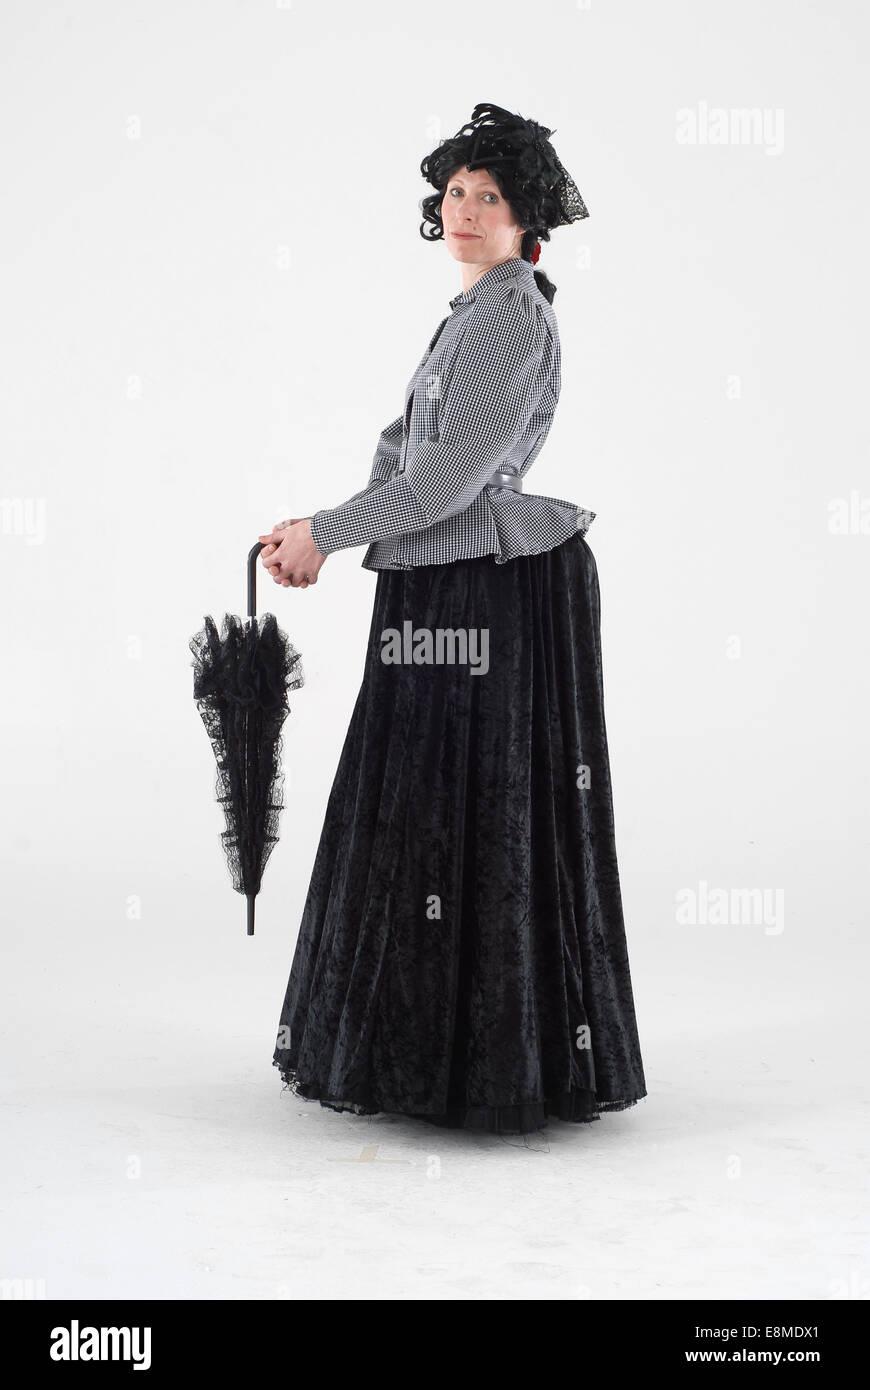 Frau Gekleidet Im Kostum Als Wildwest Viktorianische Dame Mit